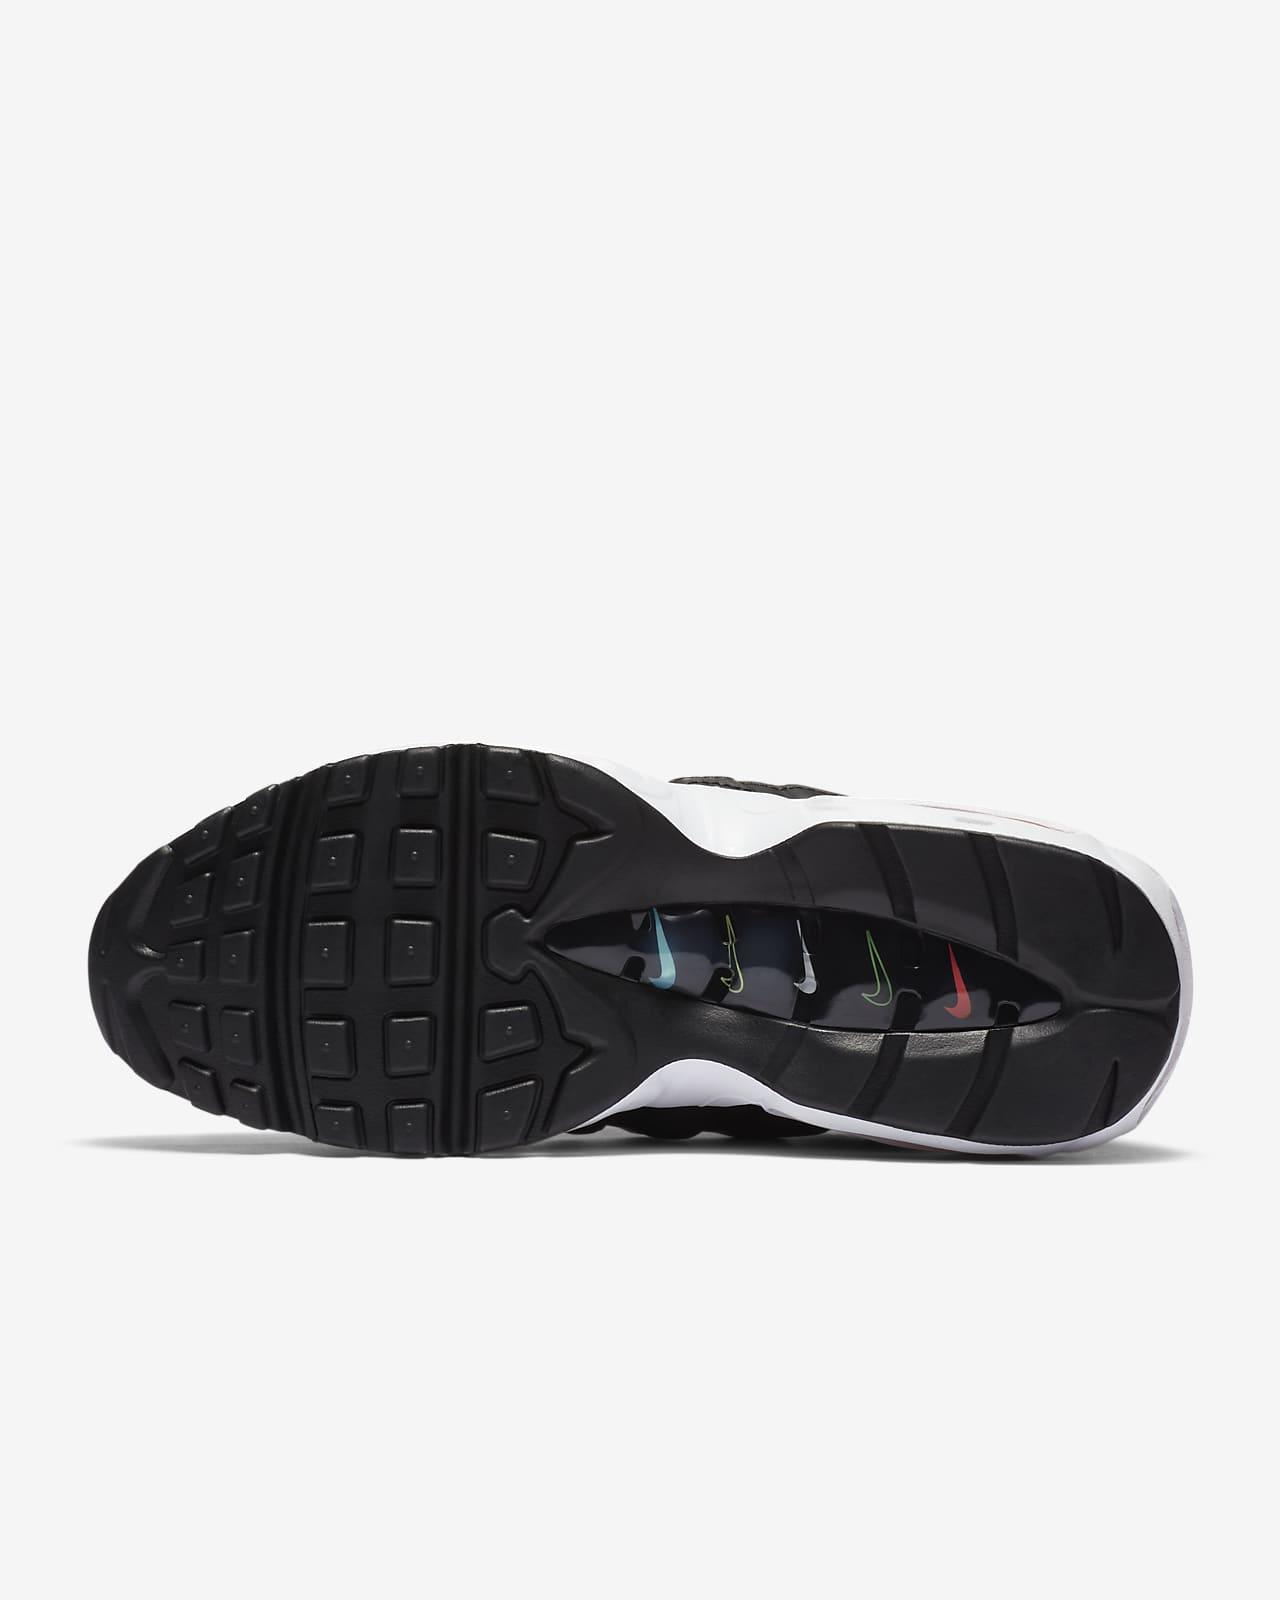 chaussures nike femmes air max 95